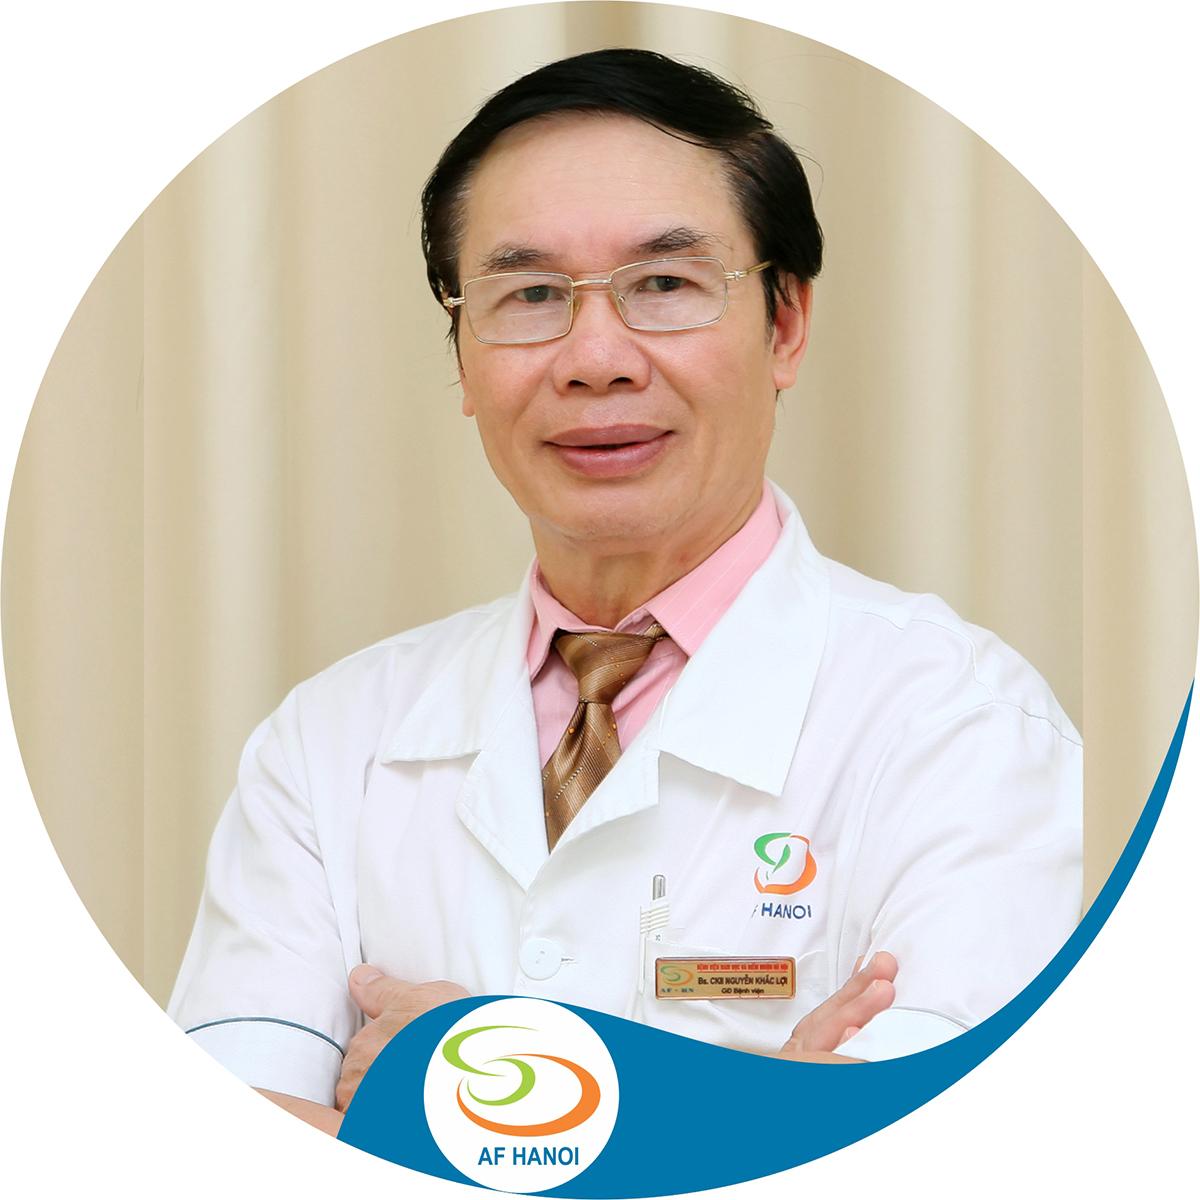 BsCkII. Nguyễn Khắc Lợi - Giám đốc Bệnh viện